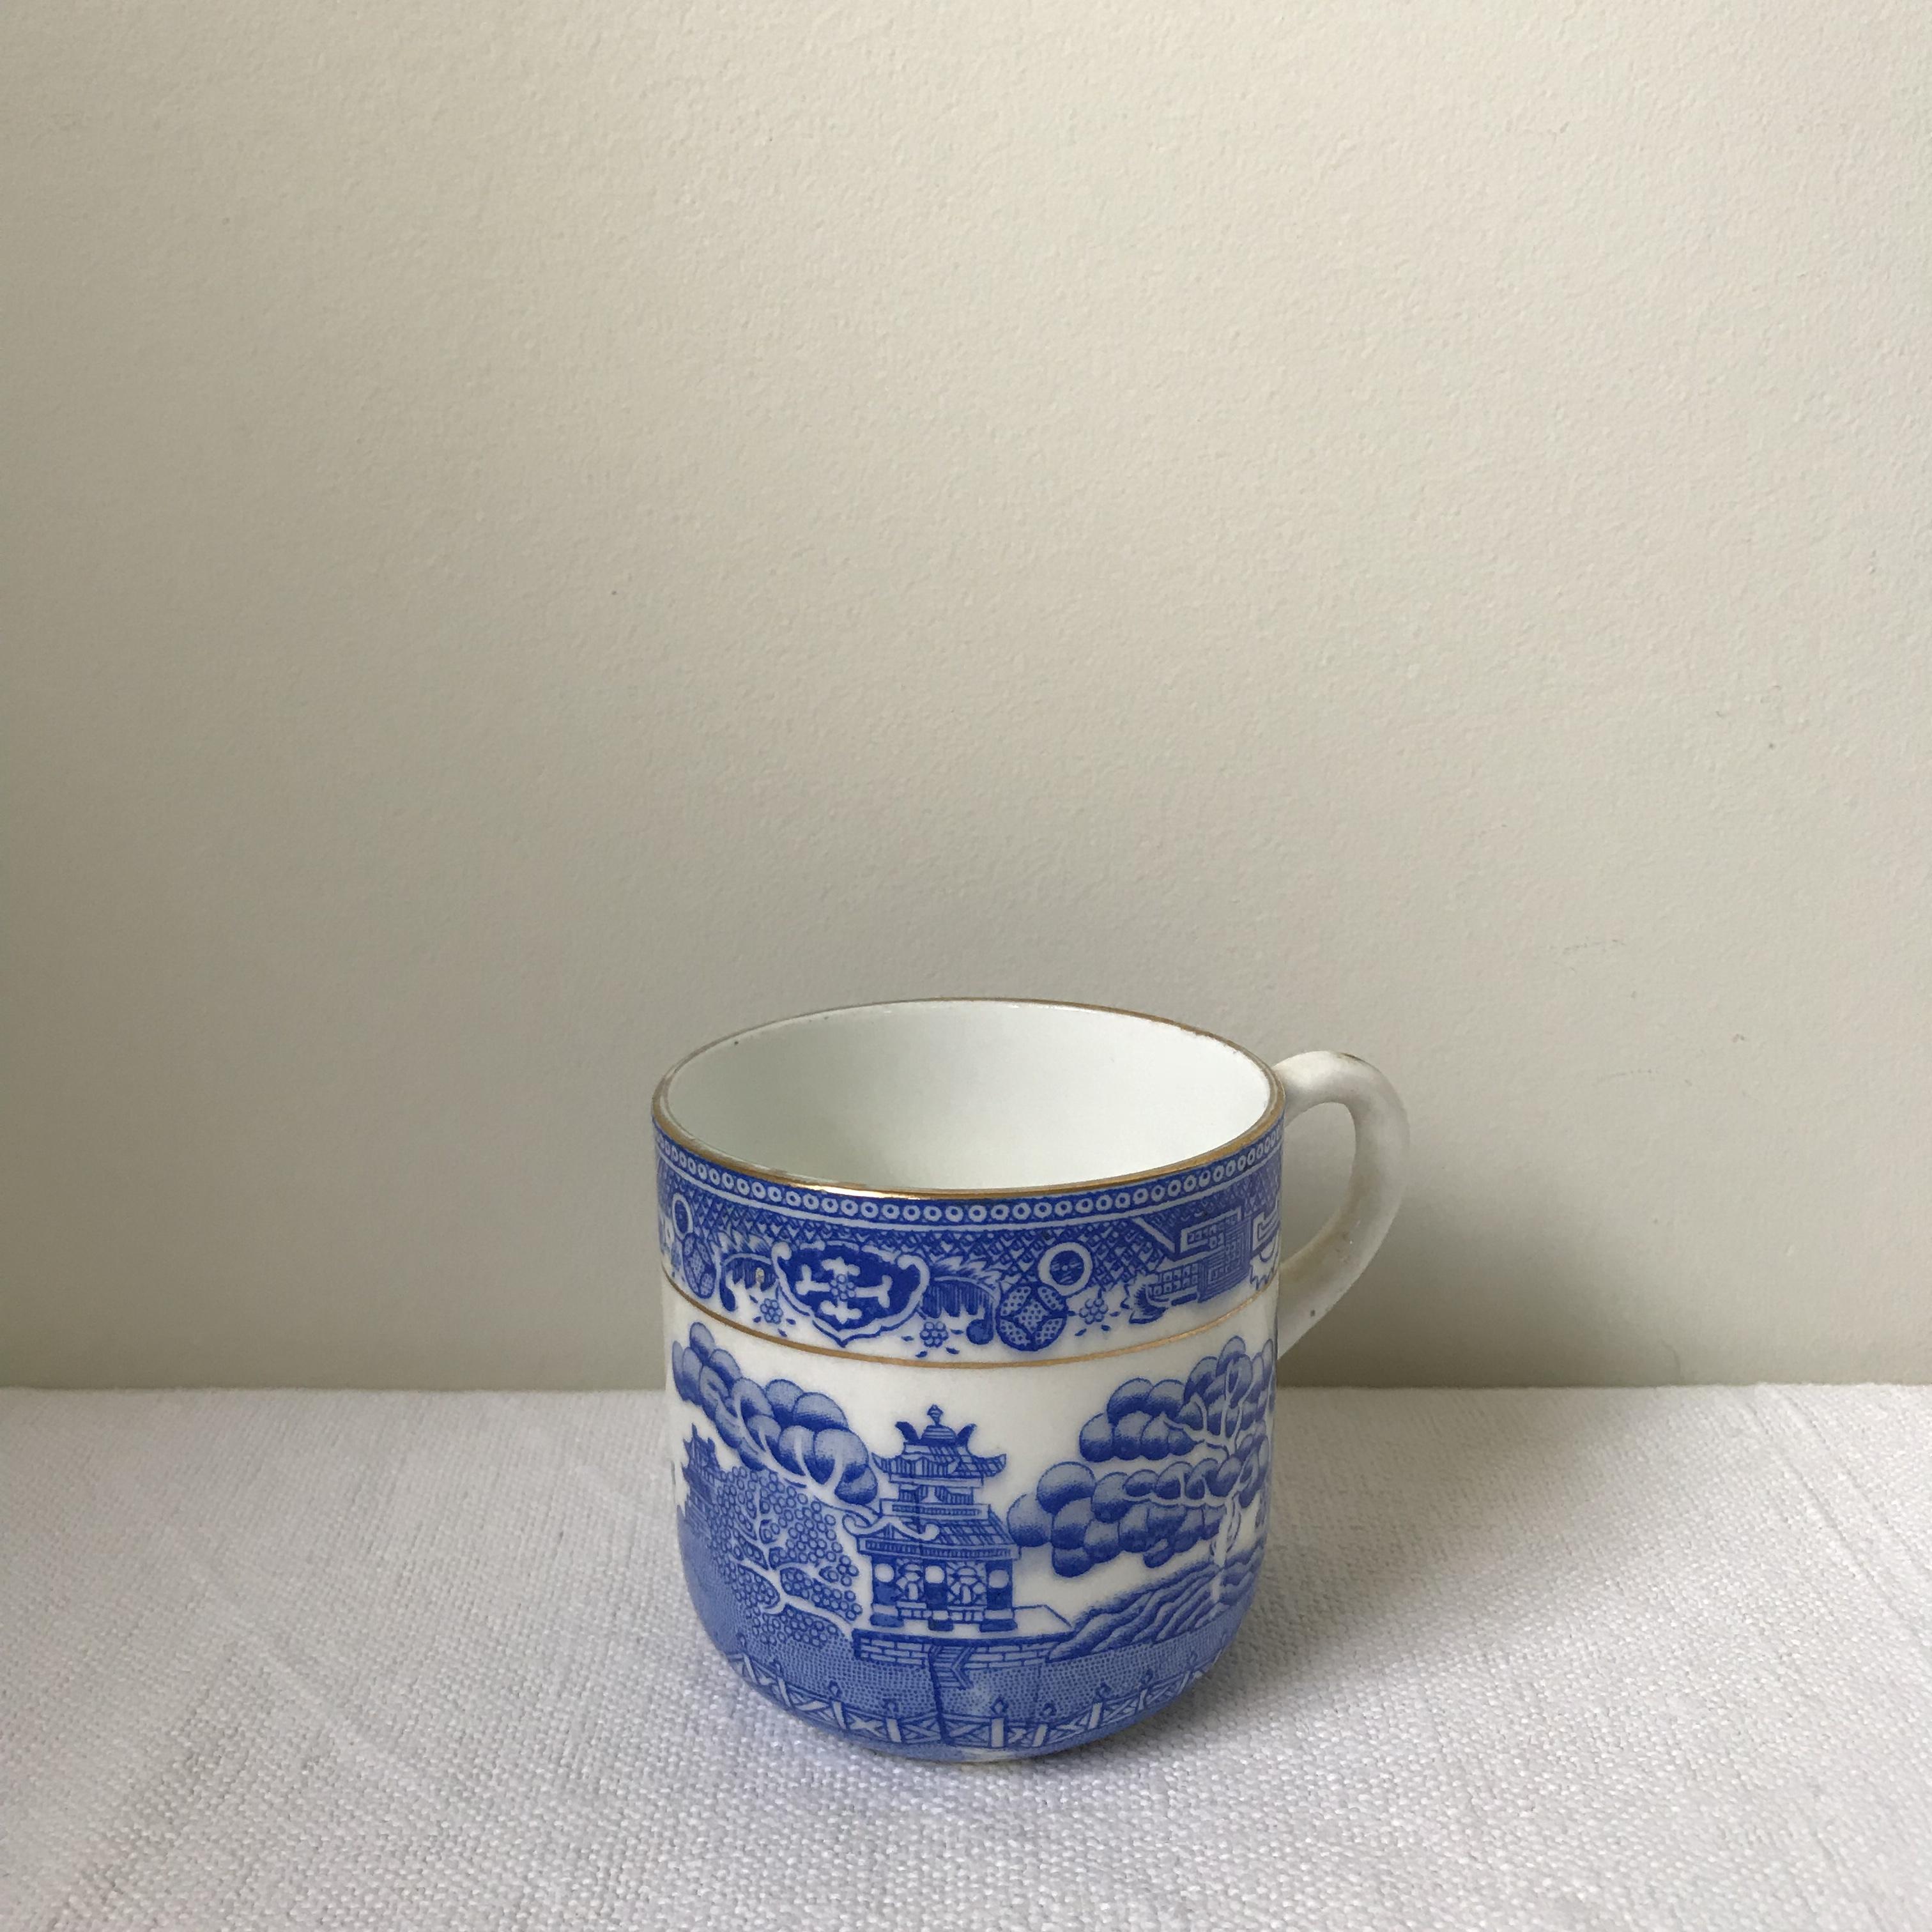 ウィロー柄のカップ